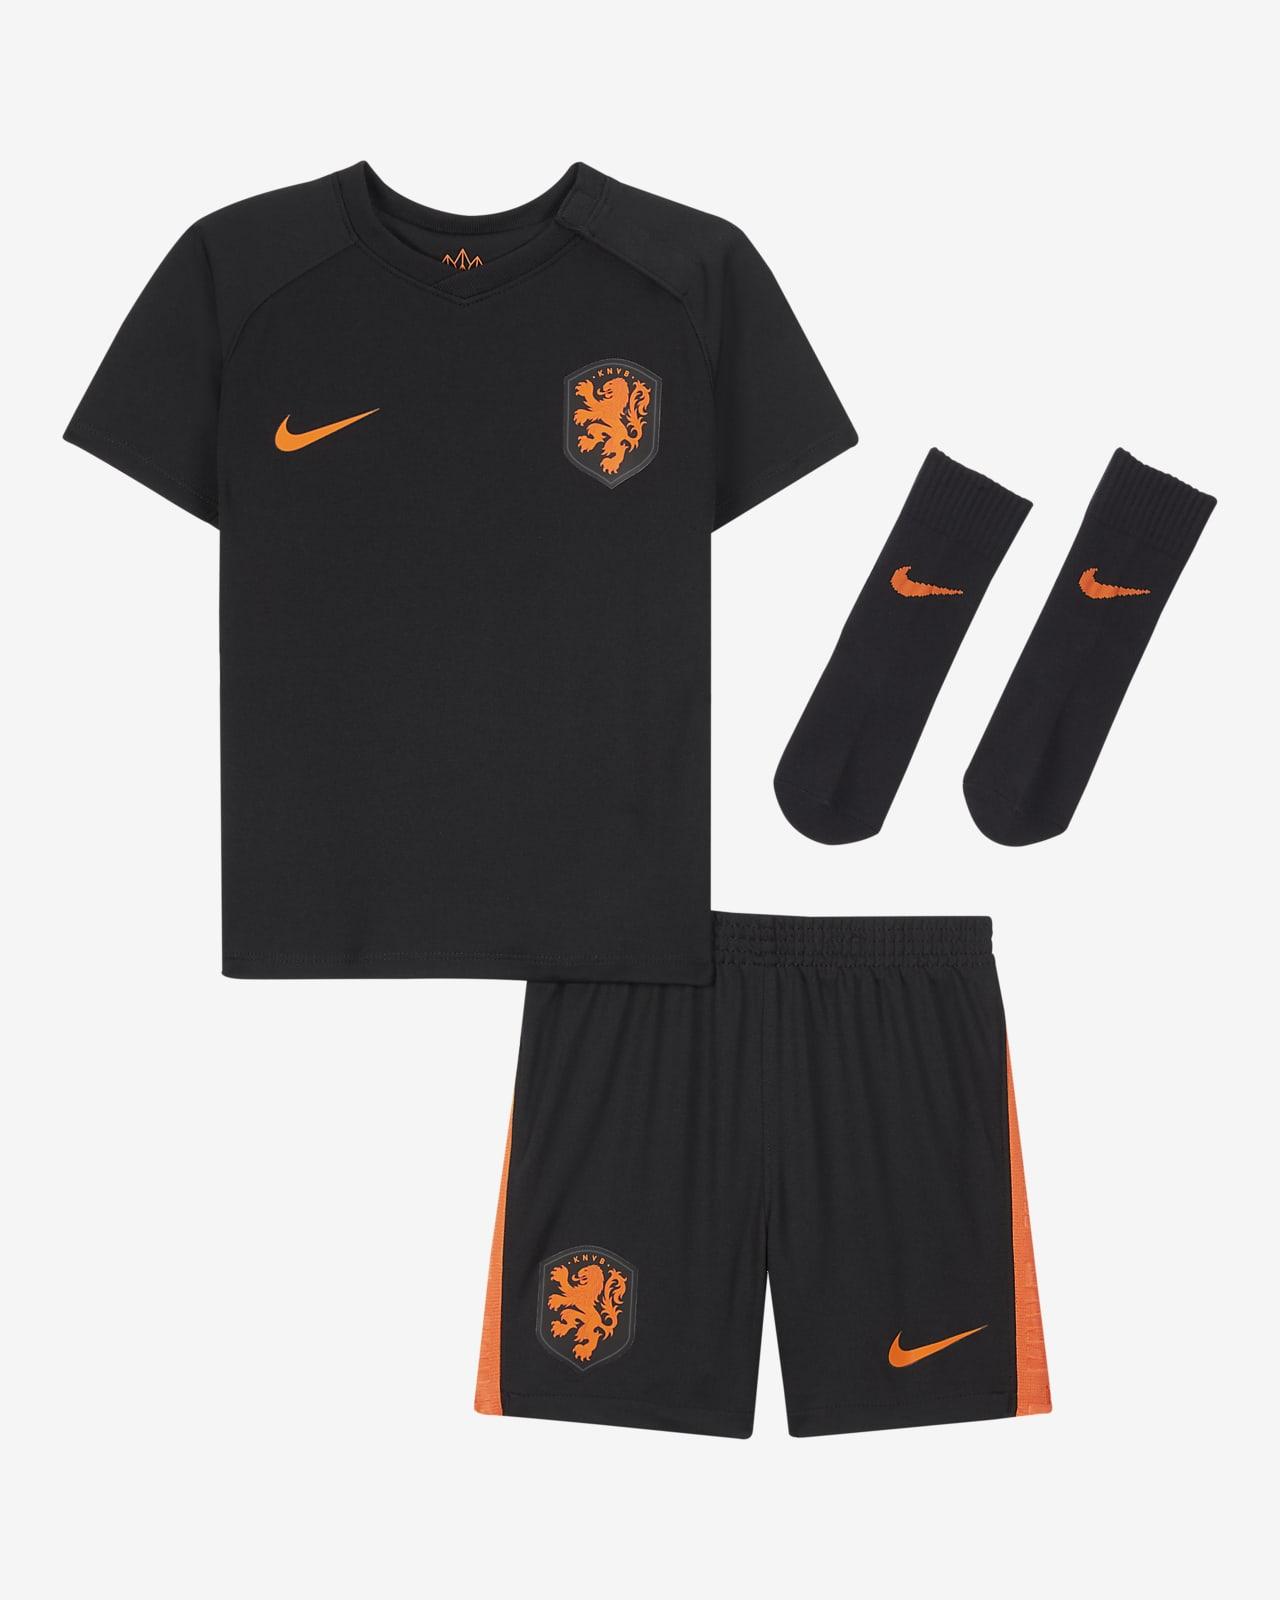 Segona equipació Països Baixos 2020 Equipació de futbol - Nadó i infant